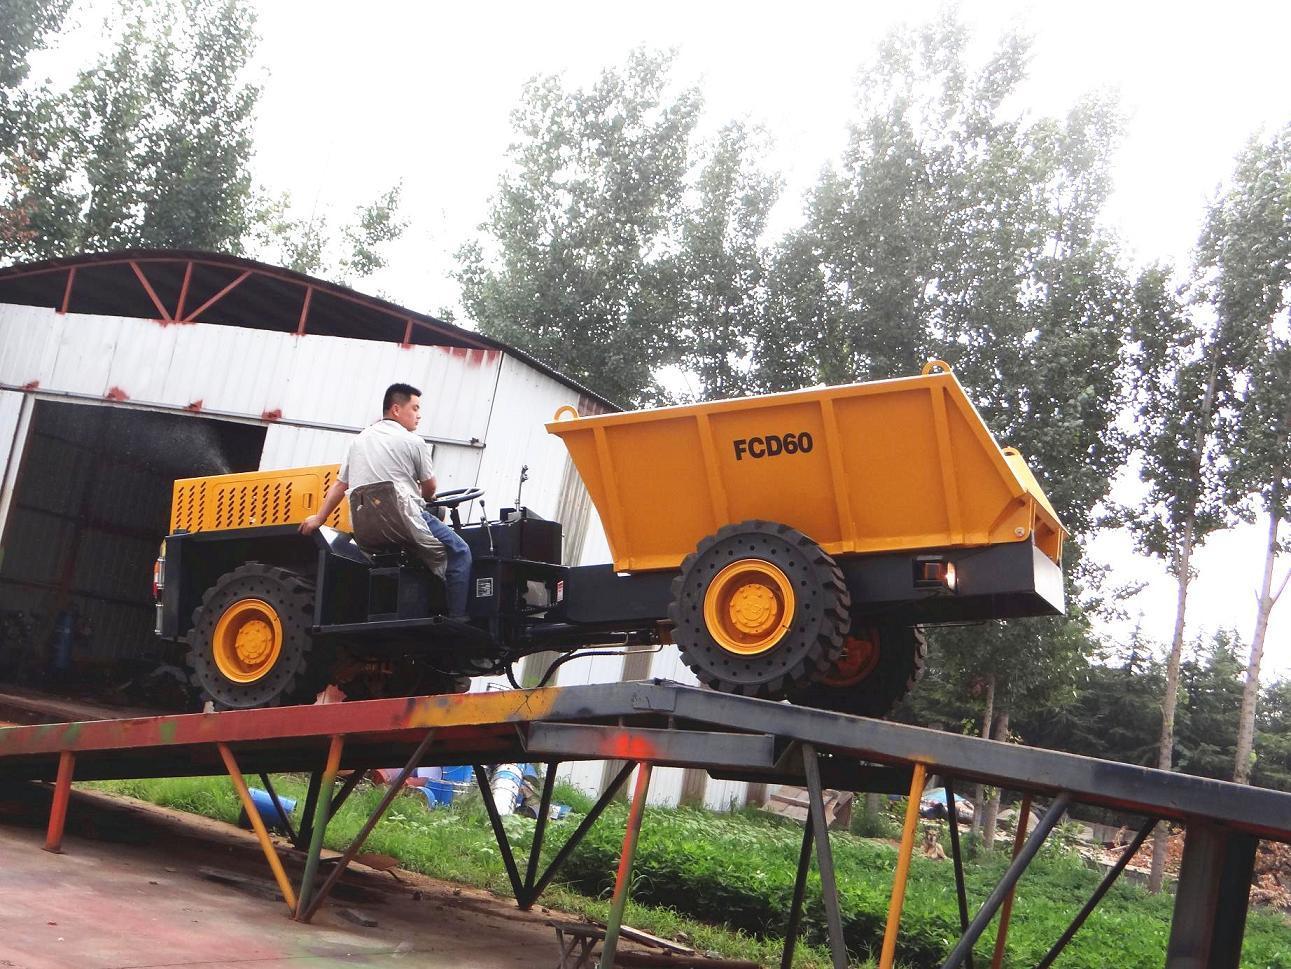 New Fcd60 6ton Underground Mining Dump Trucks